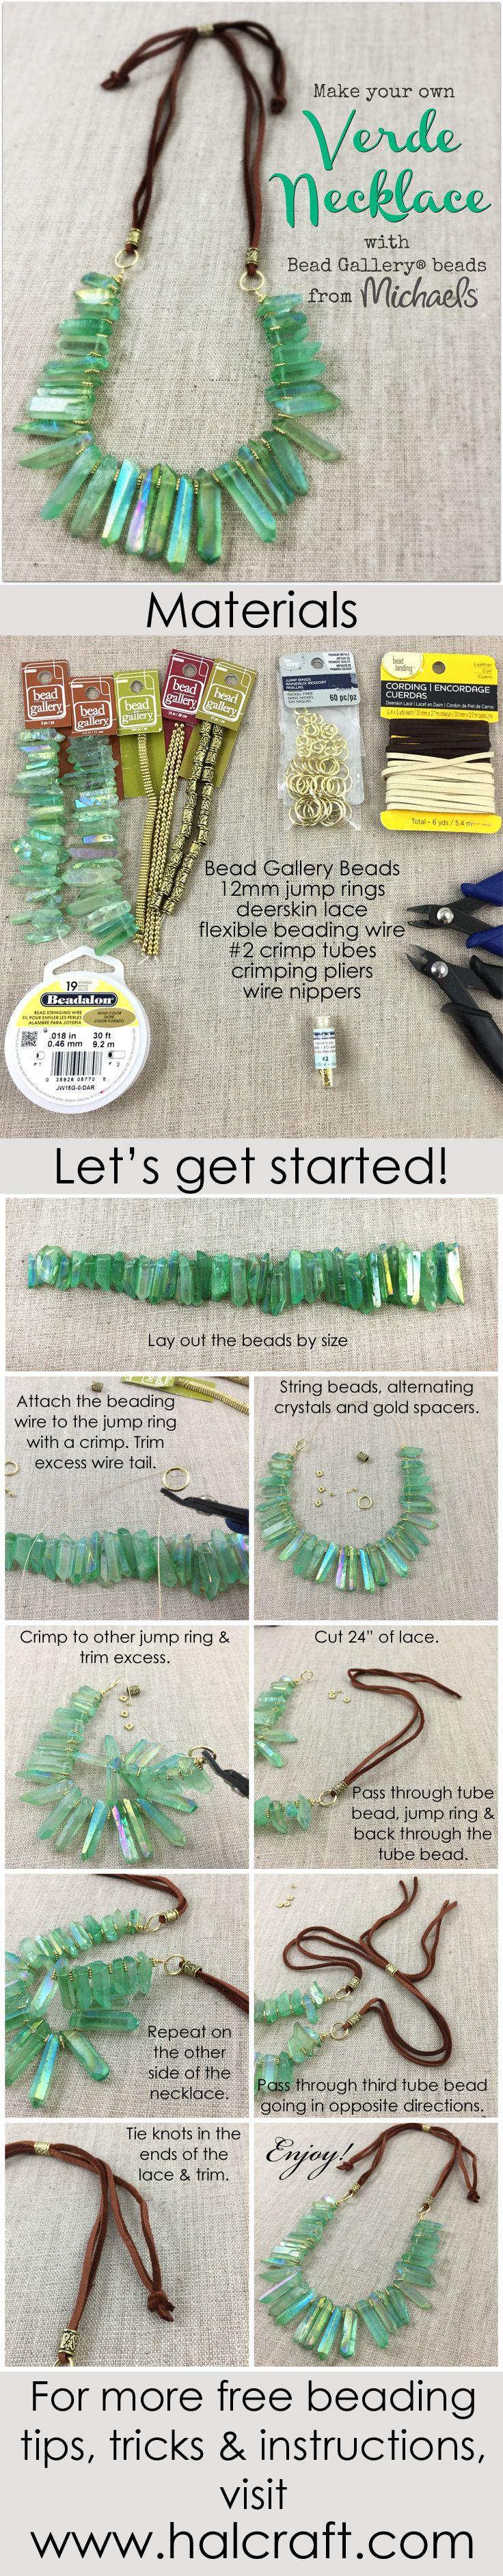 Monday Make :: Verde Necklace - Halcraft USA